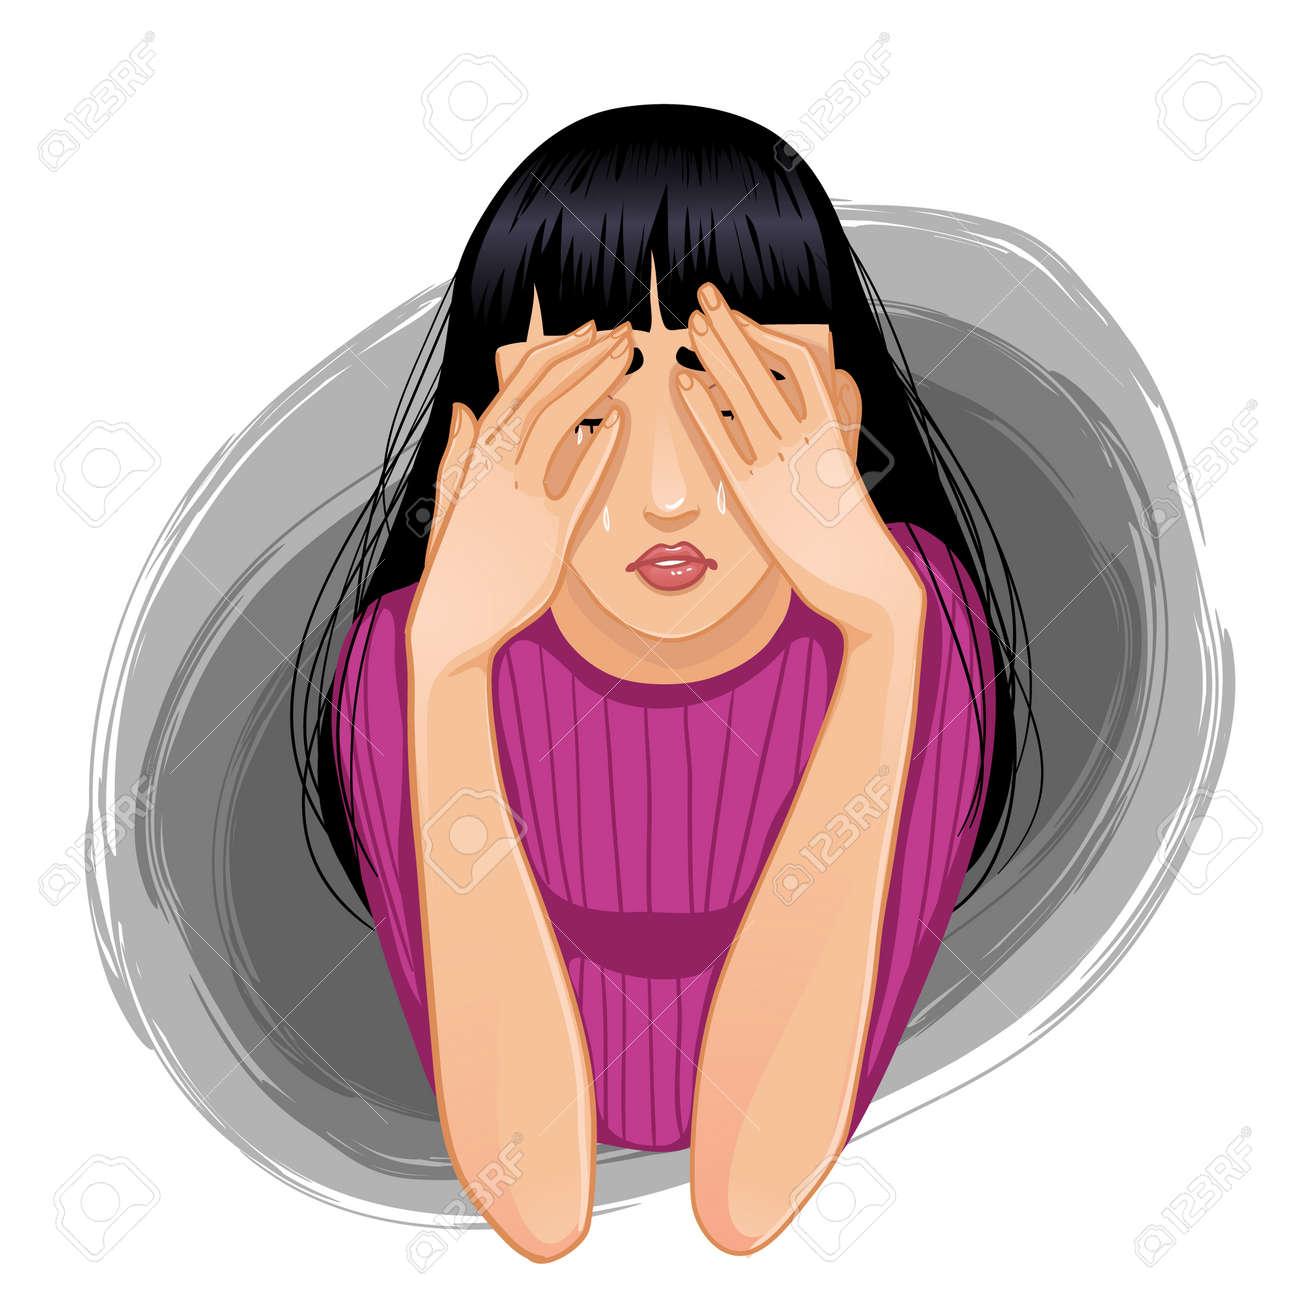 Eps10 彼女の手で彼女の顔を閉じた人若いの悲しい泣いている女性のベクトル画像のイラスト素材 ベクタ Image